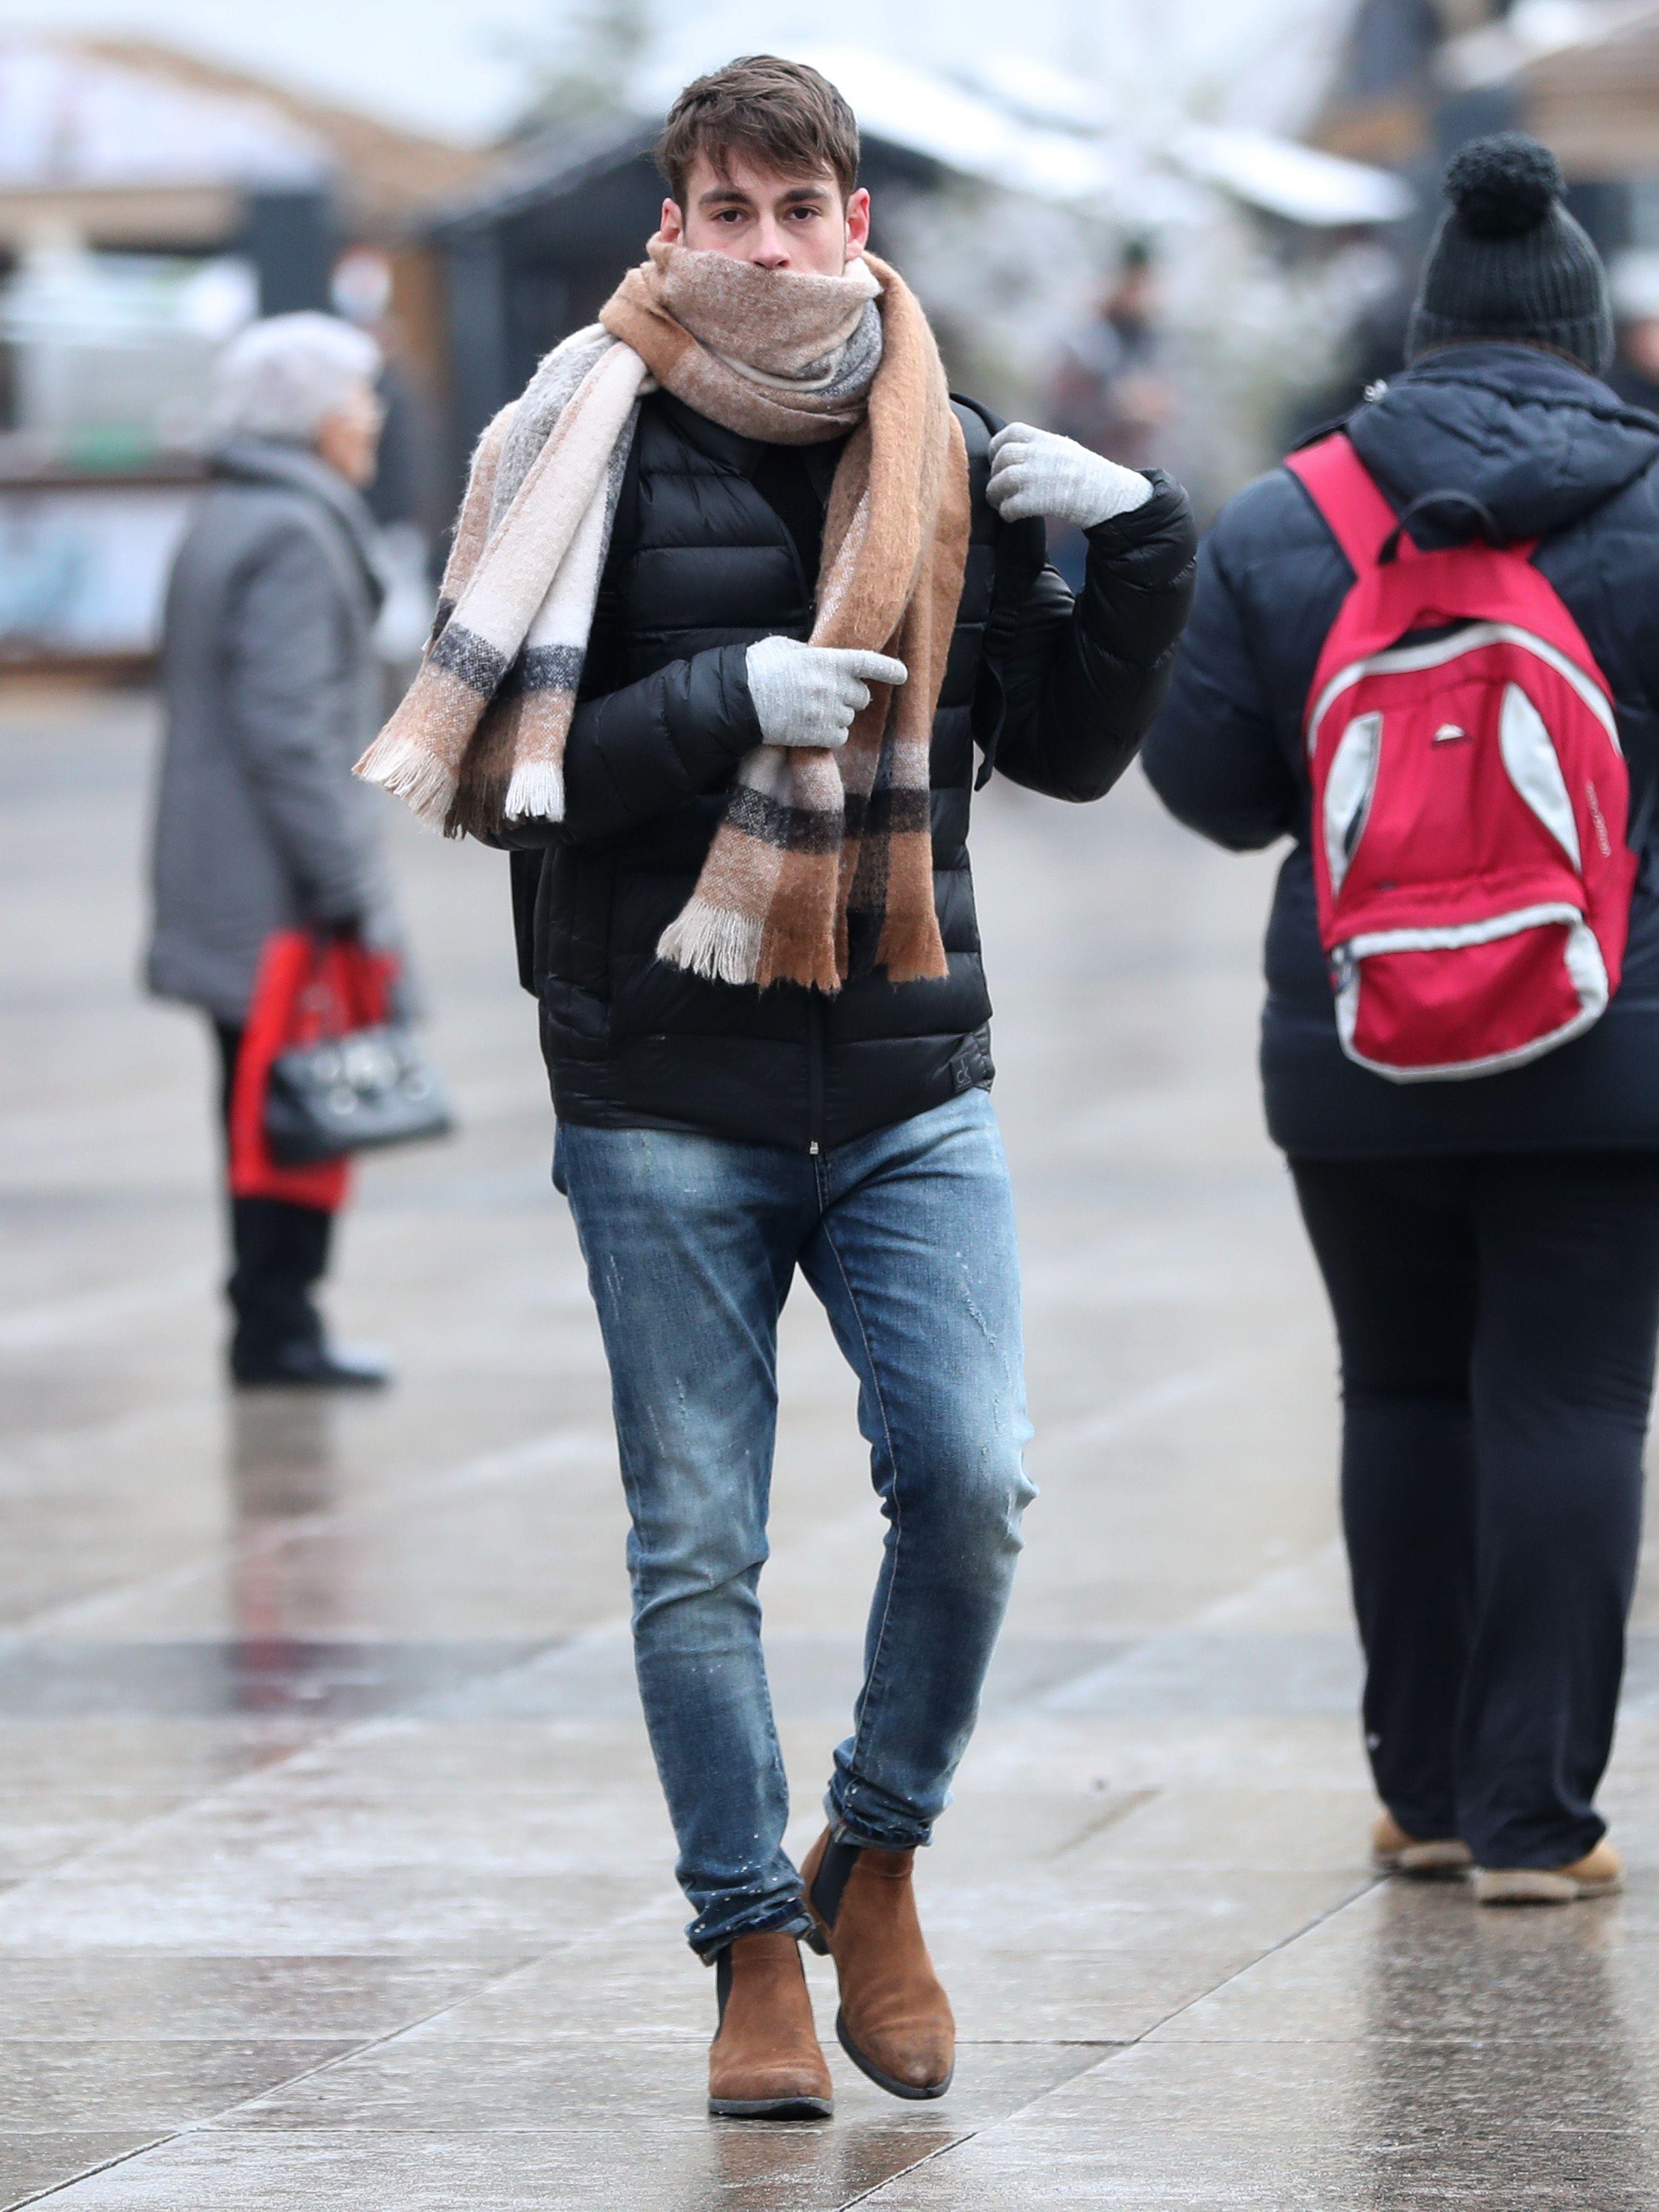 Čizme i predimenzionirani šal: Frajeri, kopirajte ovaj styling jer s njim sigurno nema zime